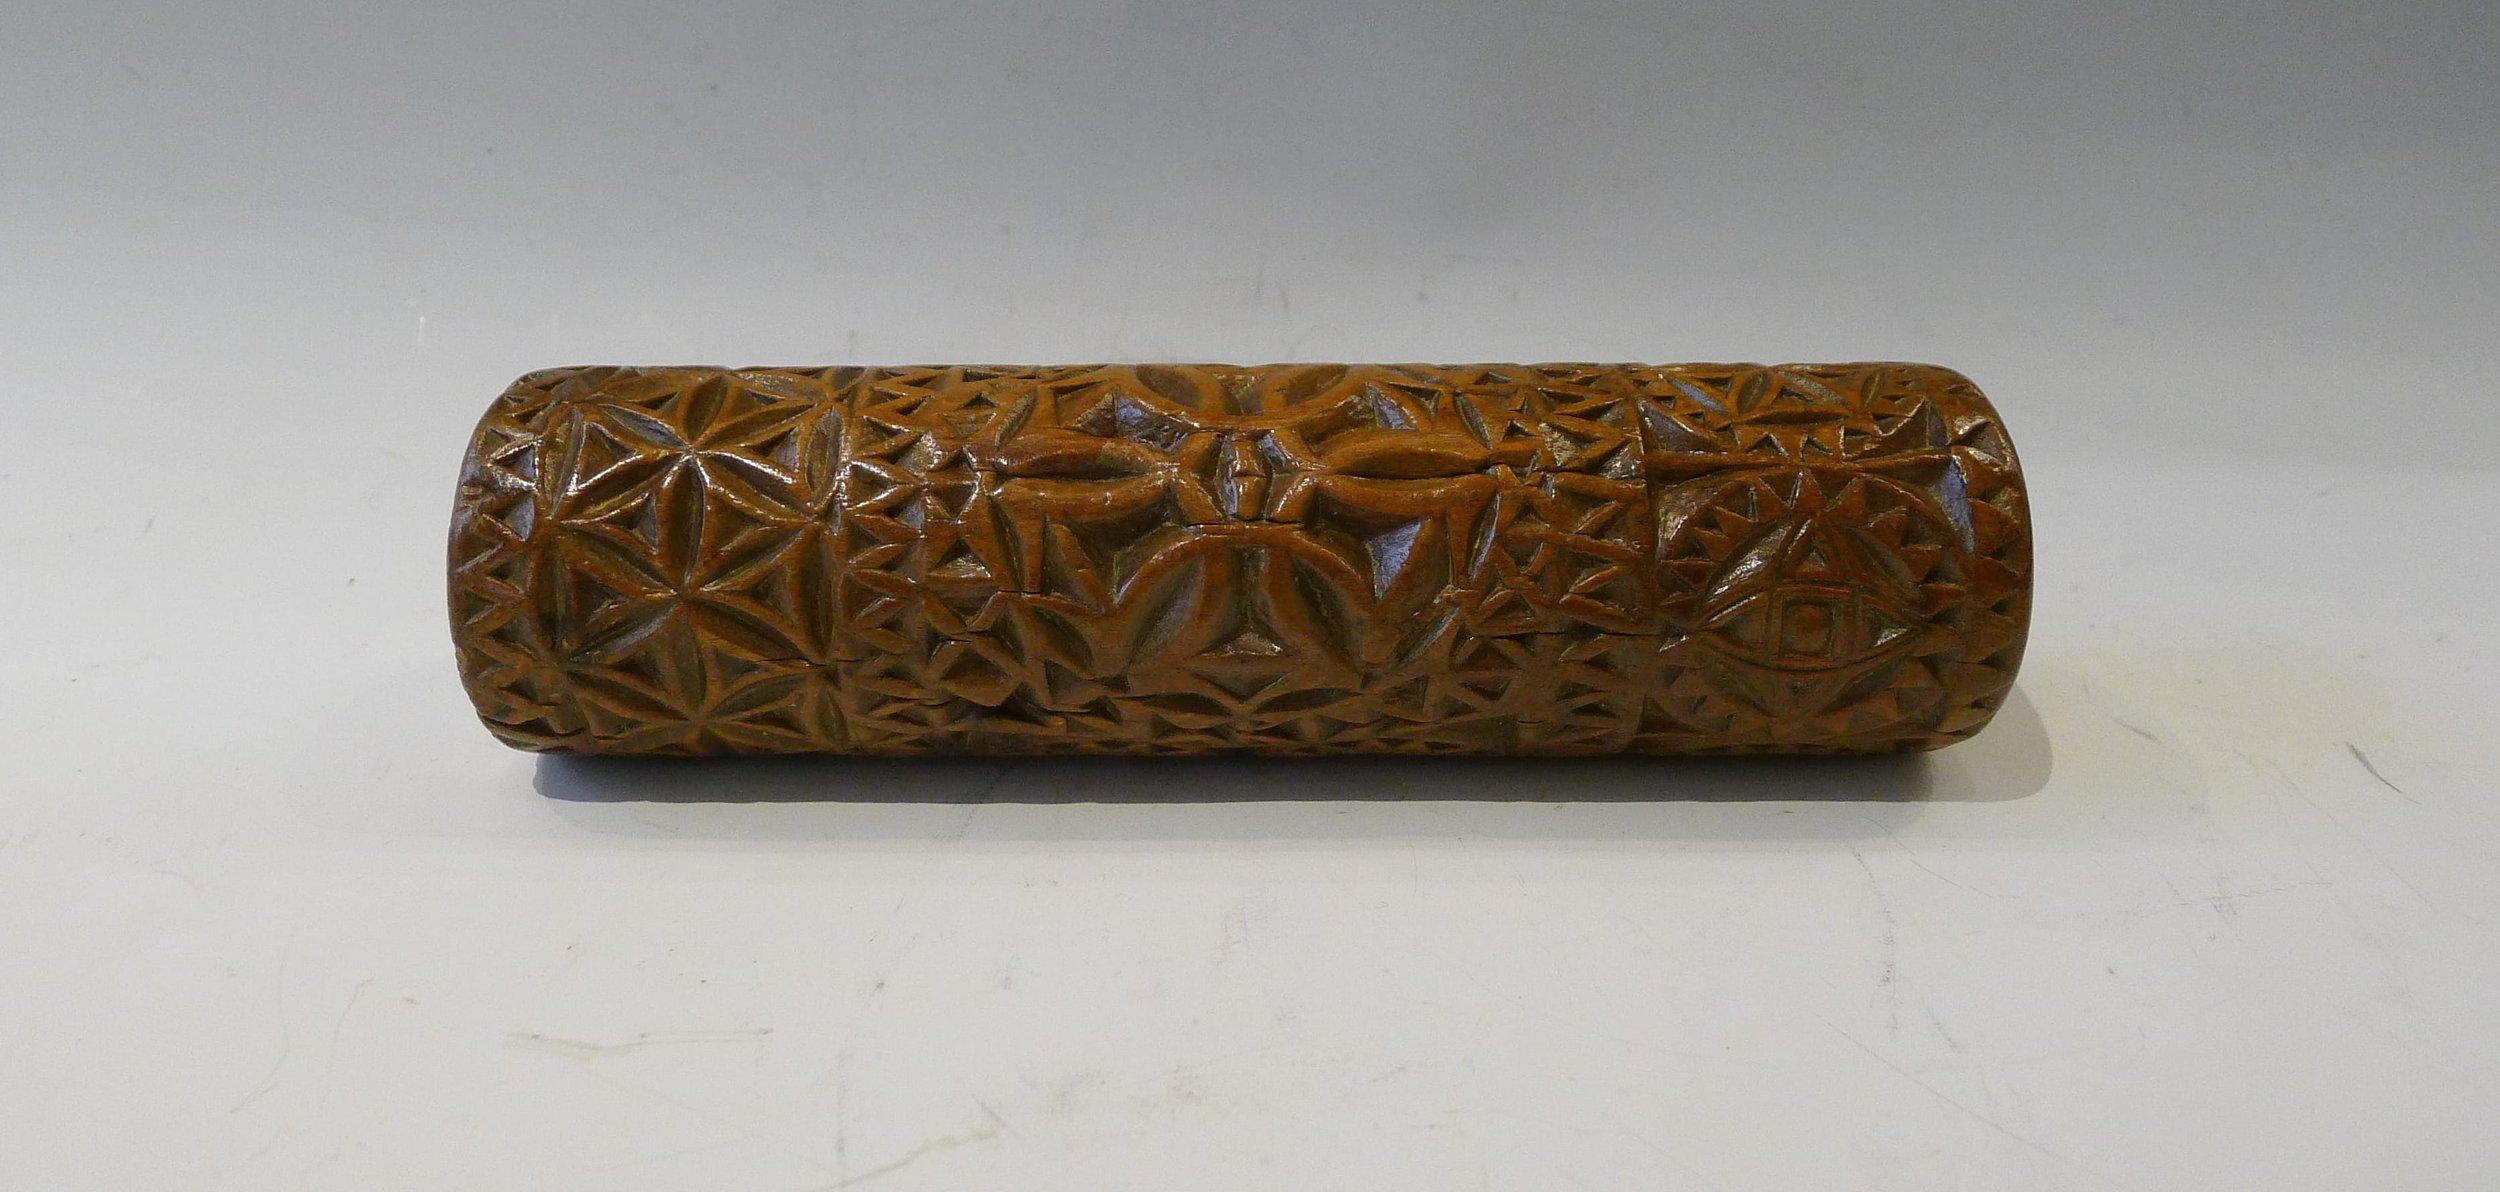 2.Rouleau sculpté en creux d'une rosace centrale à 6 pétales, et de nombreuses rosaces au niveau des bordures, de festons, et de dents de loup, 2 arbres de vie en dessous des 2 rosaces formant un coeur, Queyras, 19ème. L: 19cm